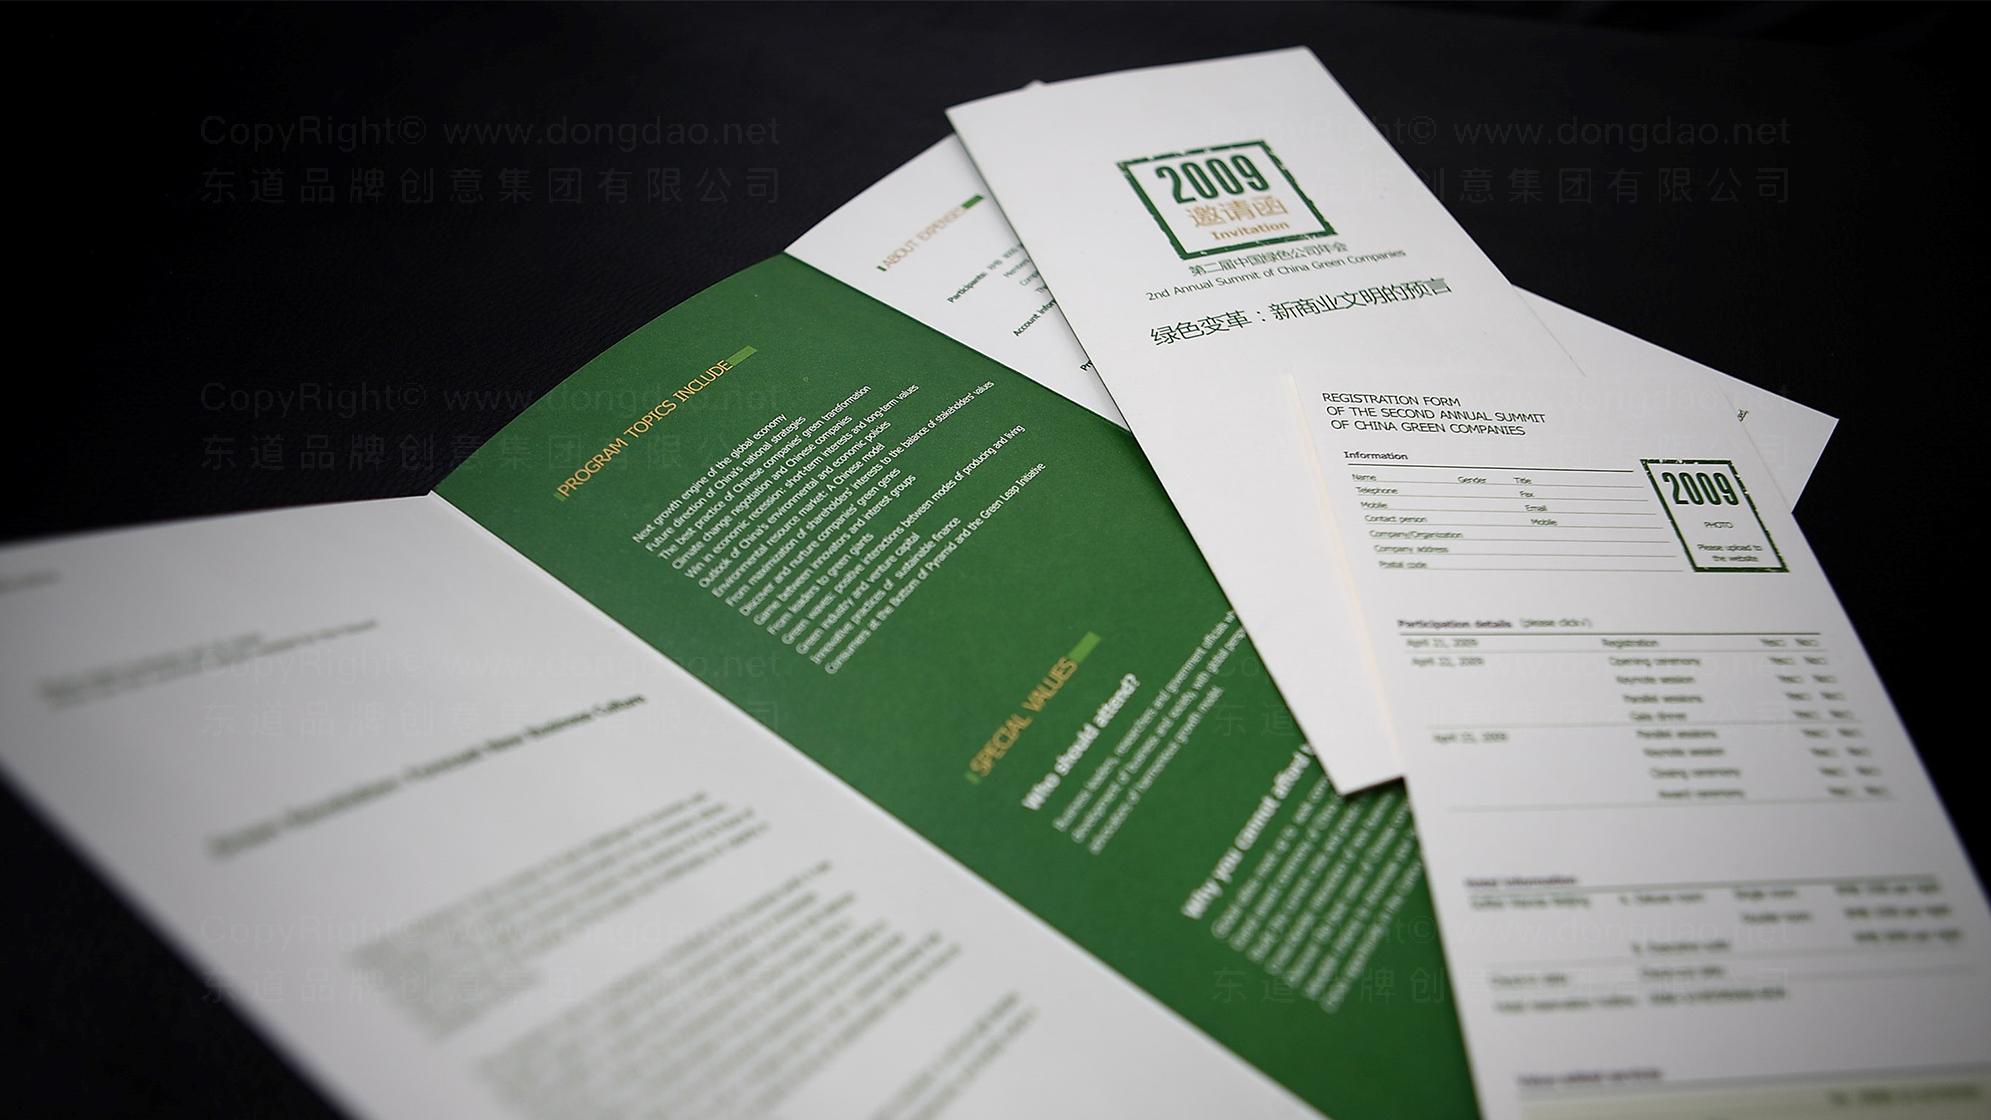 品牌设计2010中国绿公司年会LOGO设计应用场景_2